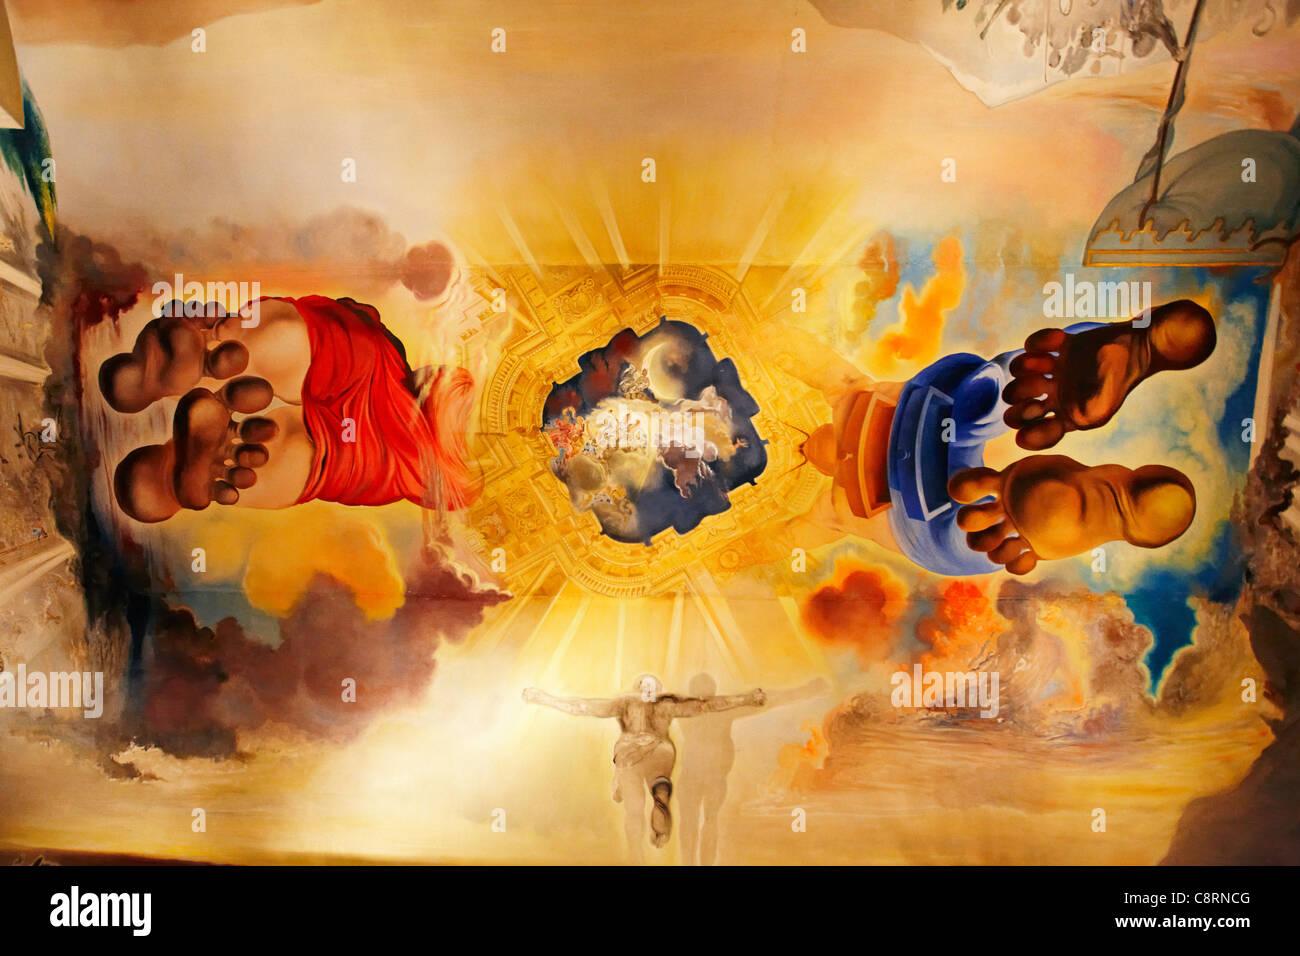 Salvador Dali Art Stock Photos & Salvador Dali Art Stock Images - Alamy